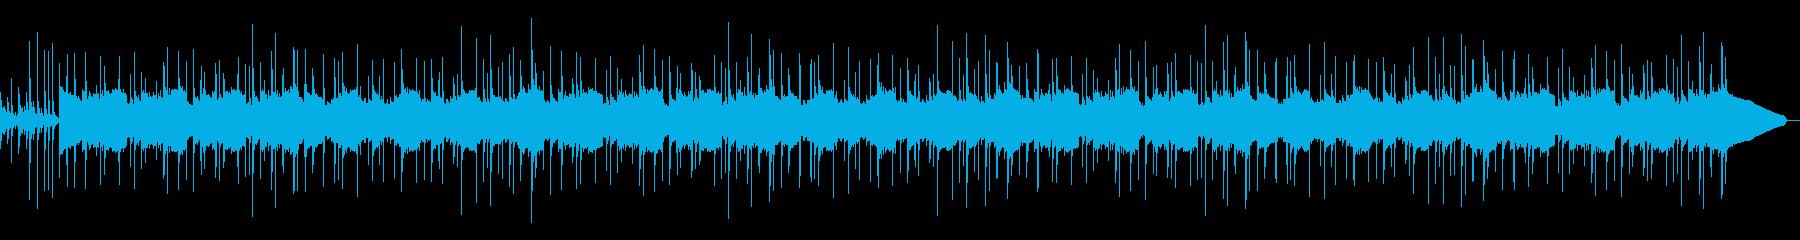 ファンキーなバンドサウンドの再生済みの波形